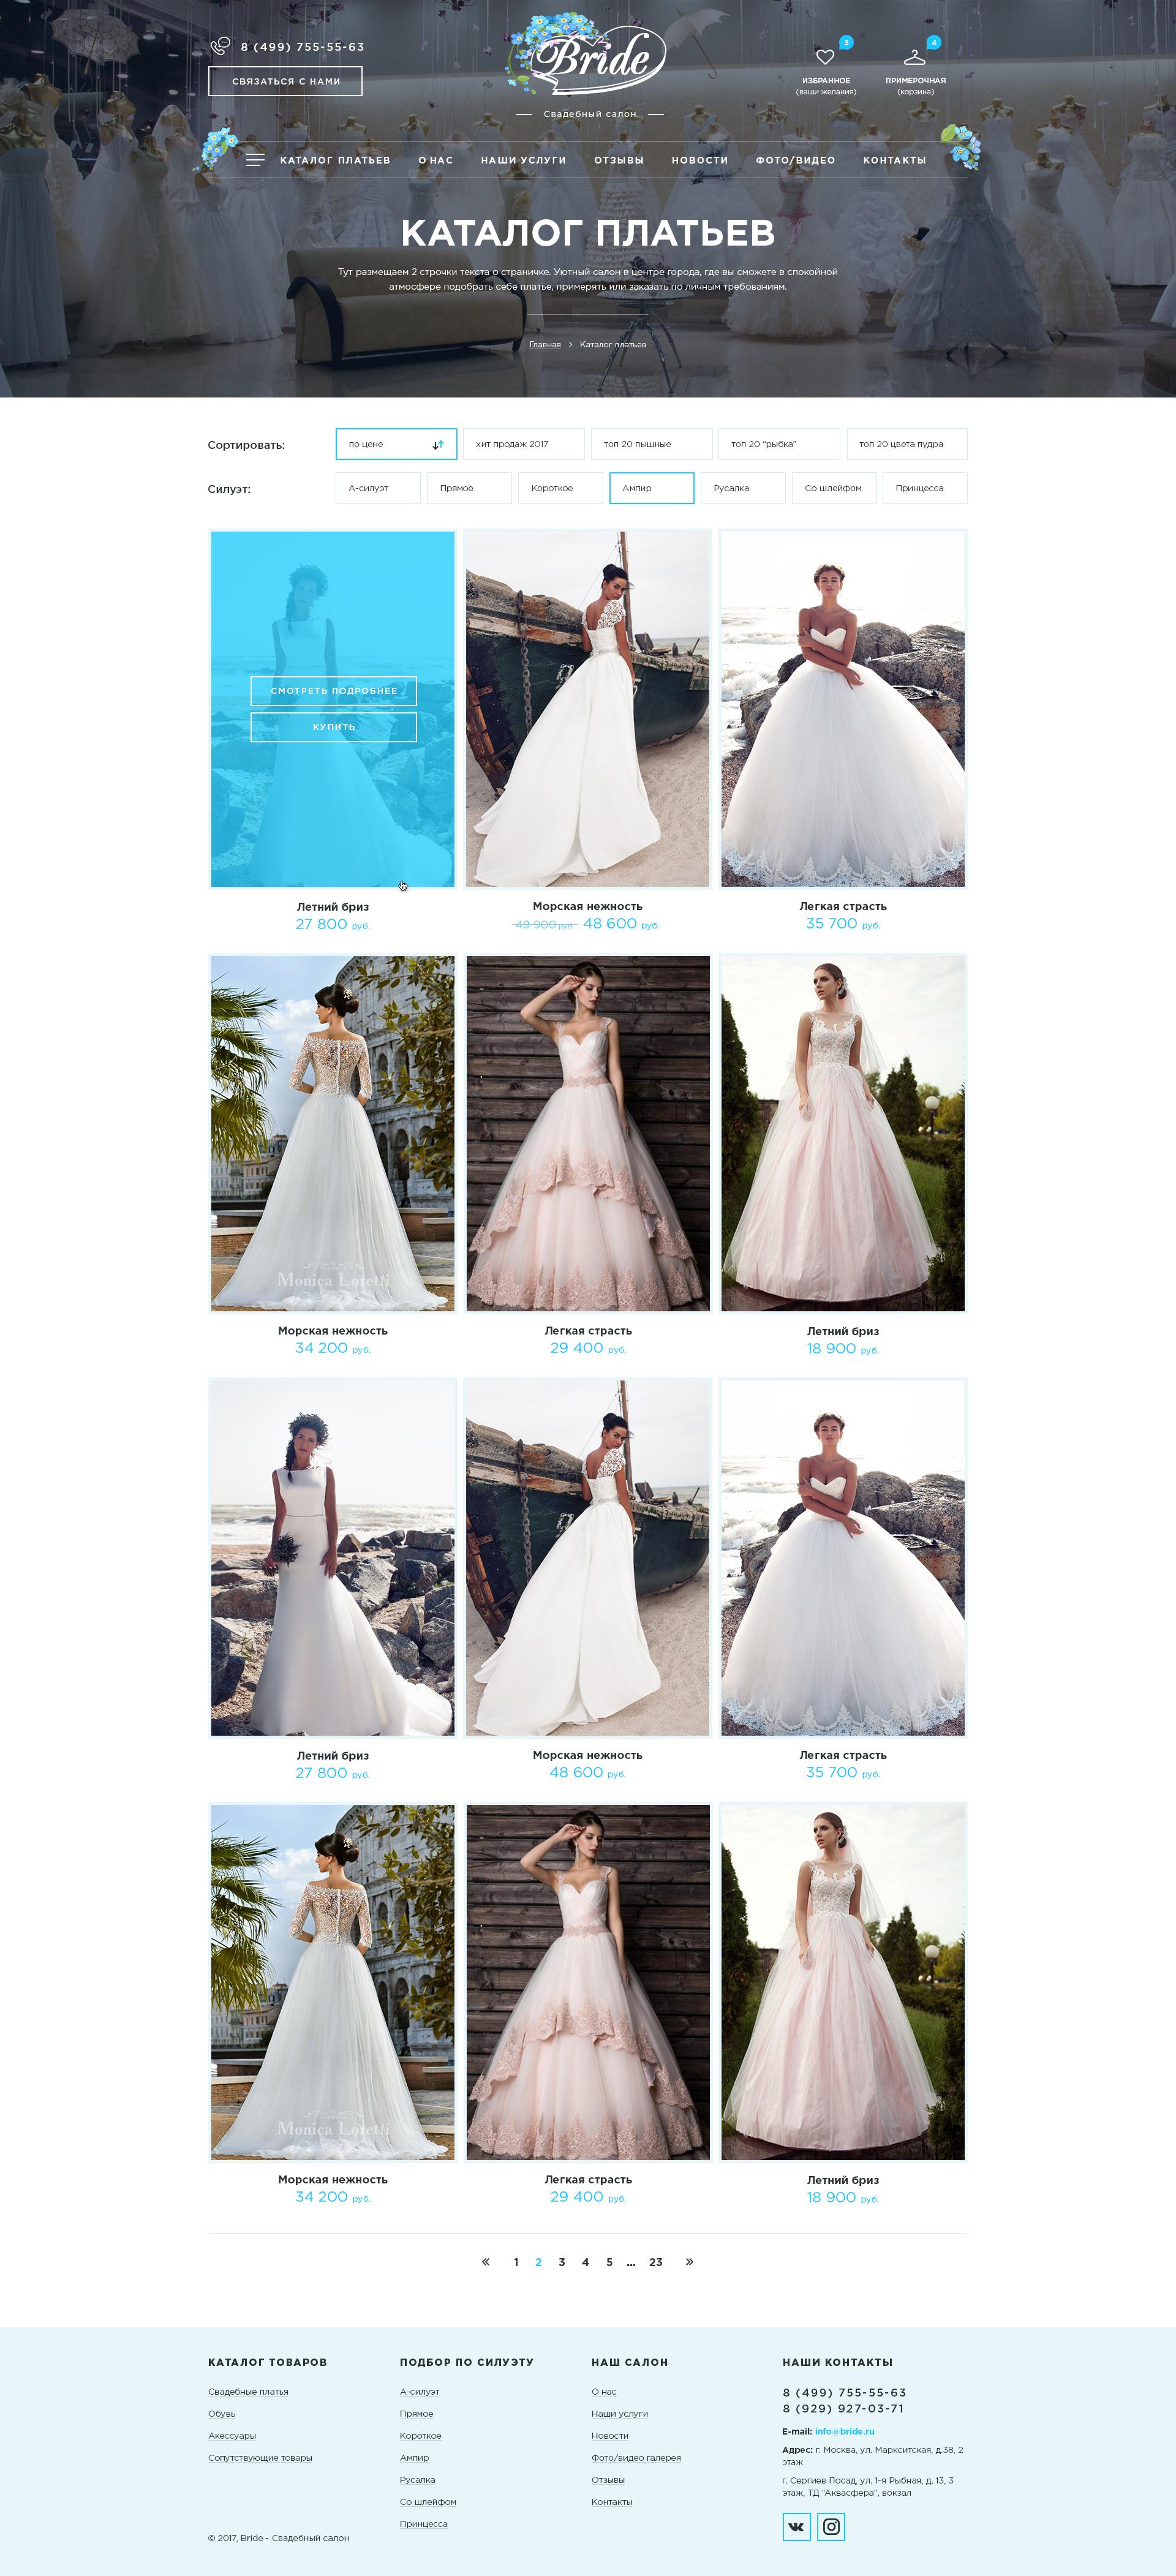 Bride_katalog